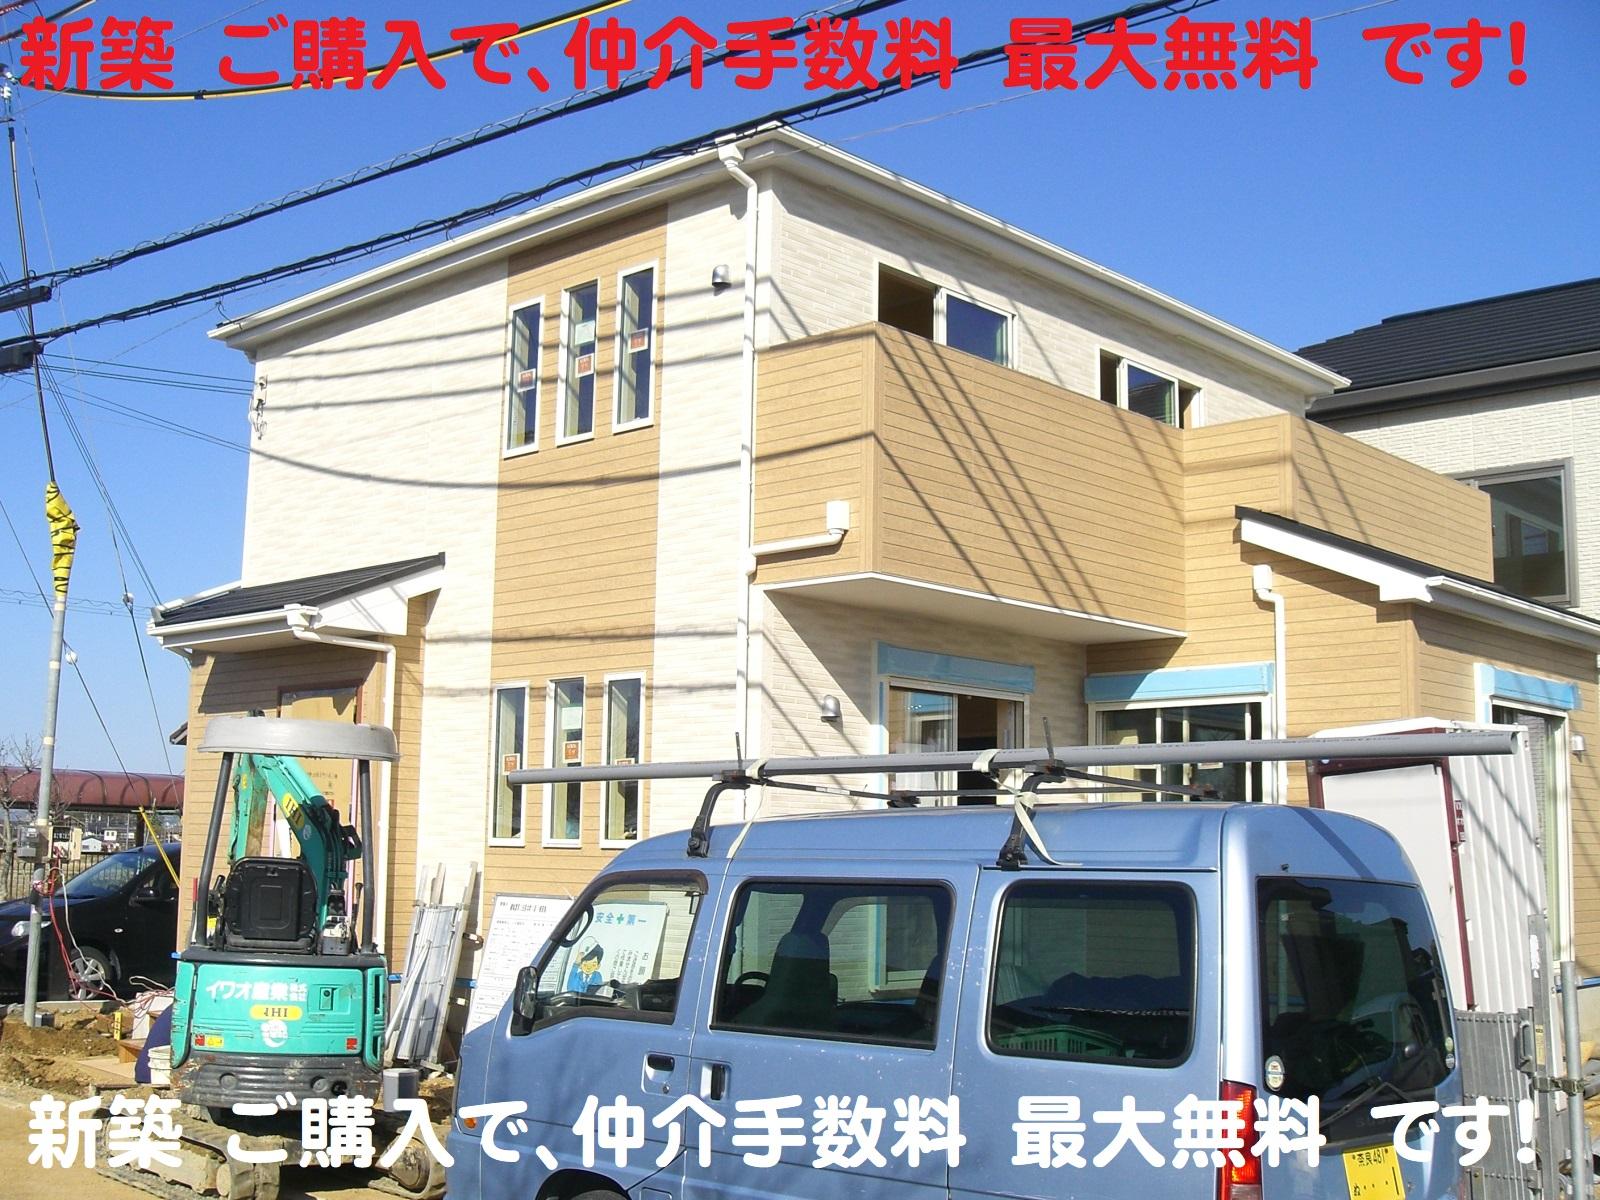 田原本町 八尾 完成モデルハウス 有ります! 新築 限定1棟 建物 販売 ファースト住建 好評分譲中